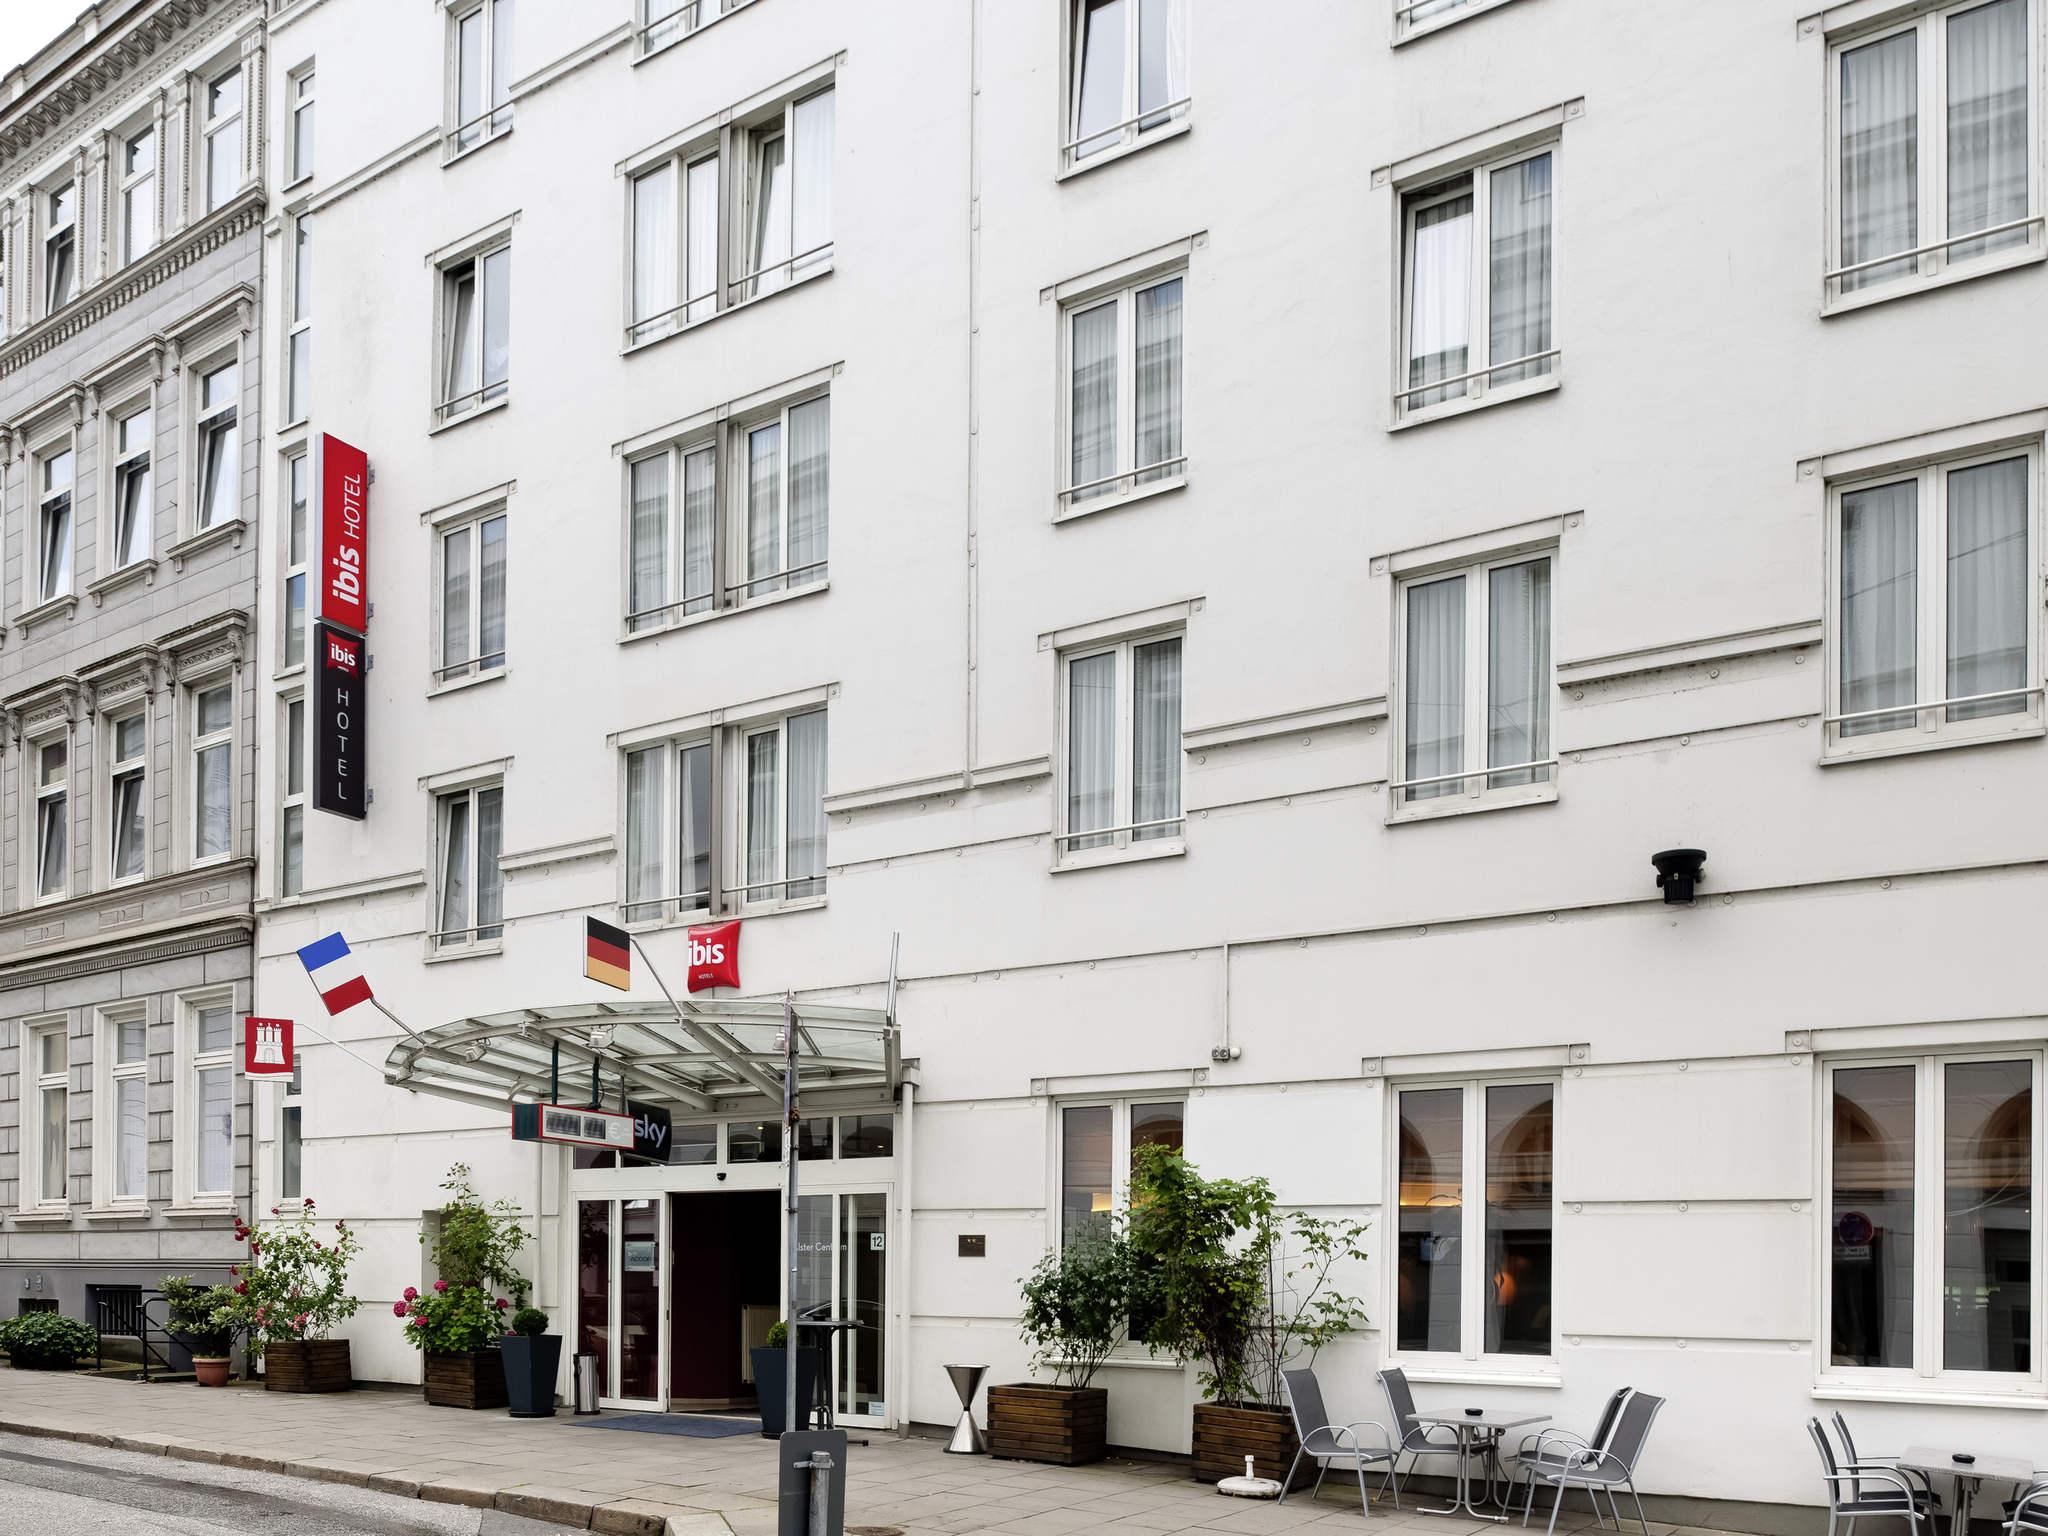 hotel ibis hamburg alster centrum book online now wifi